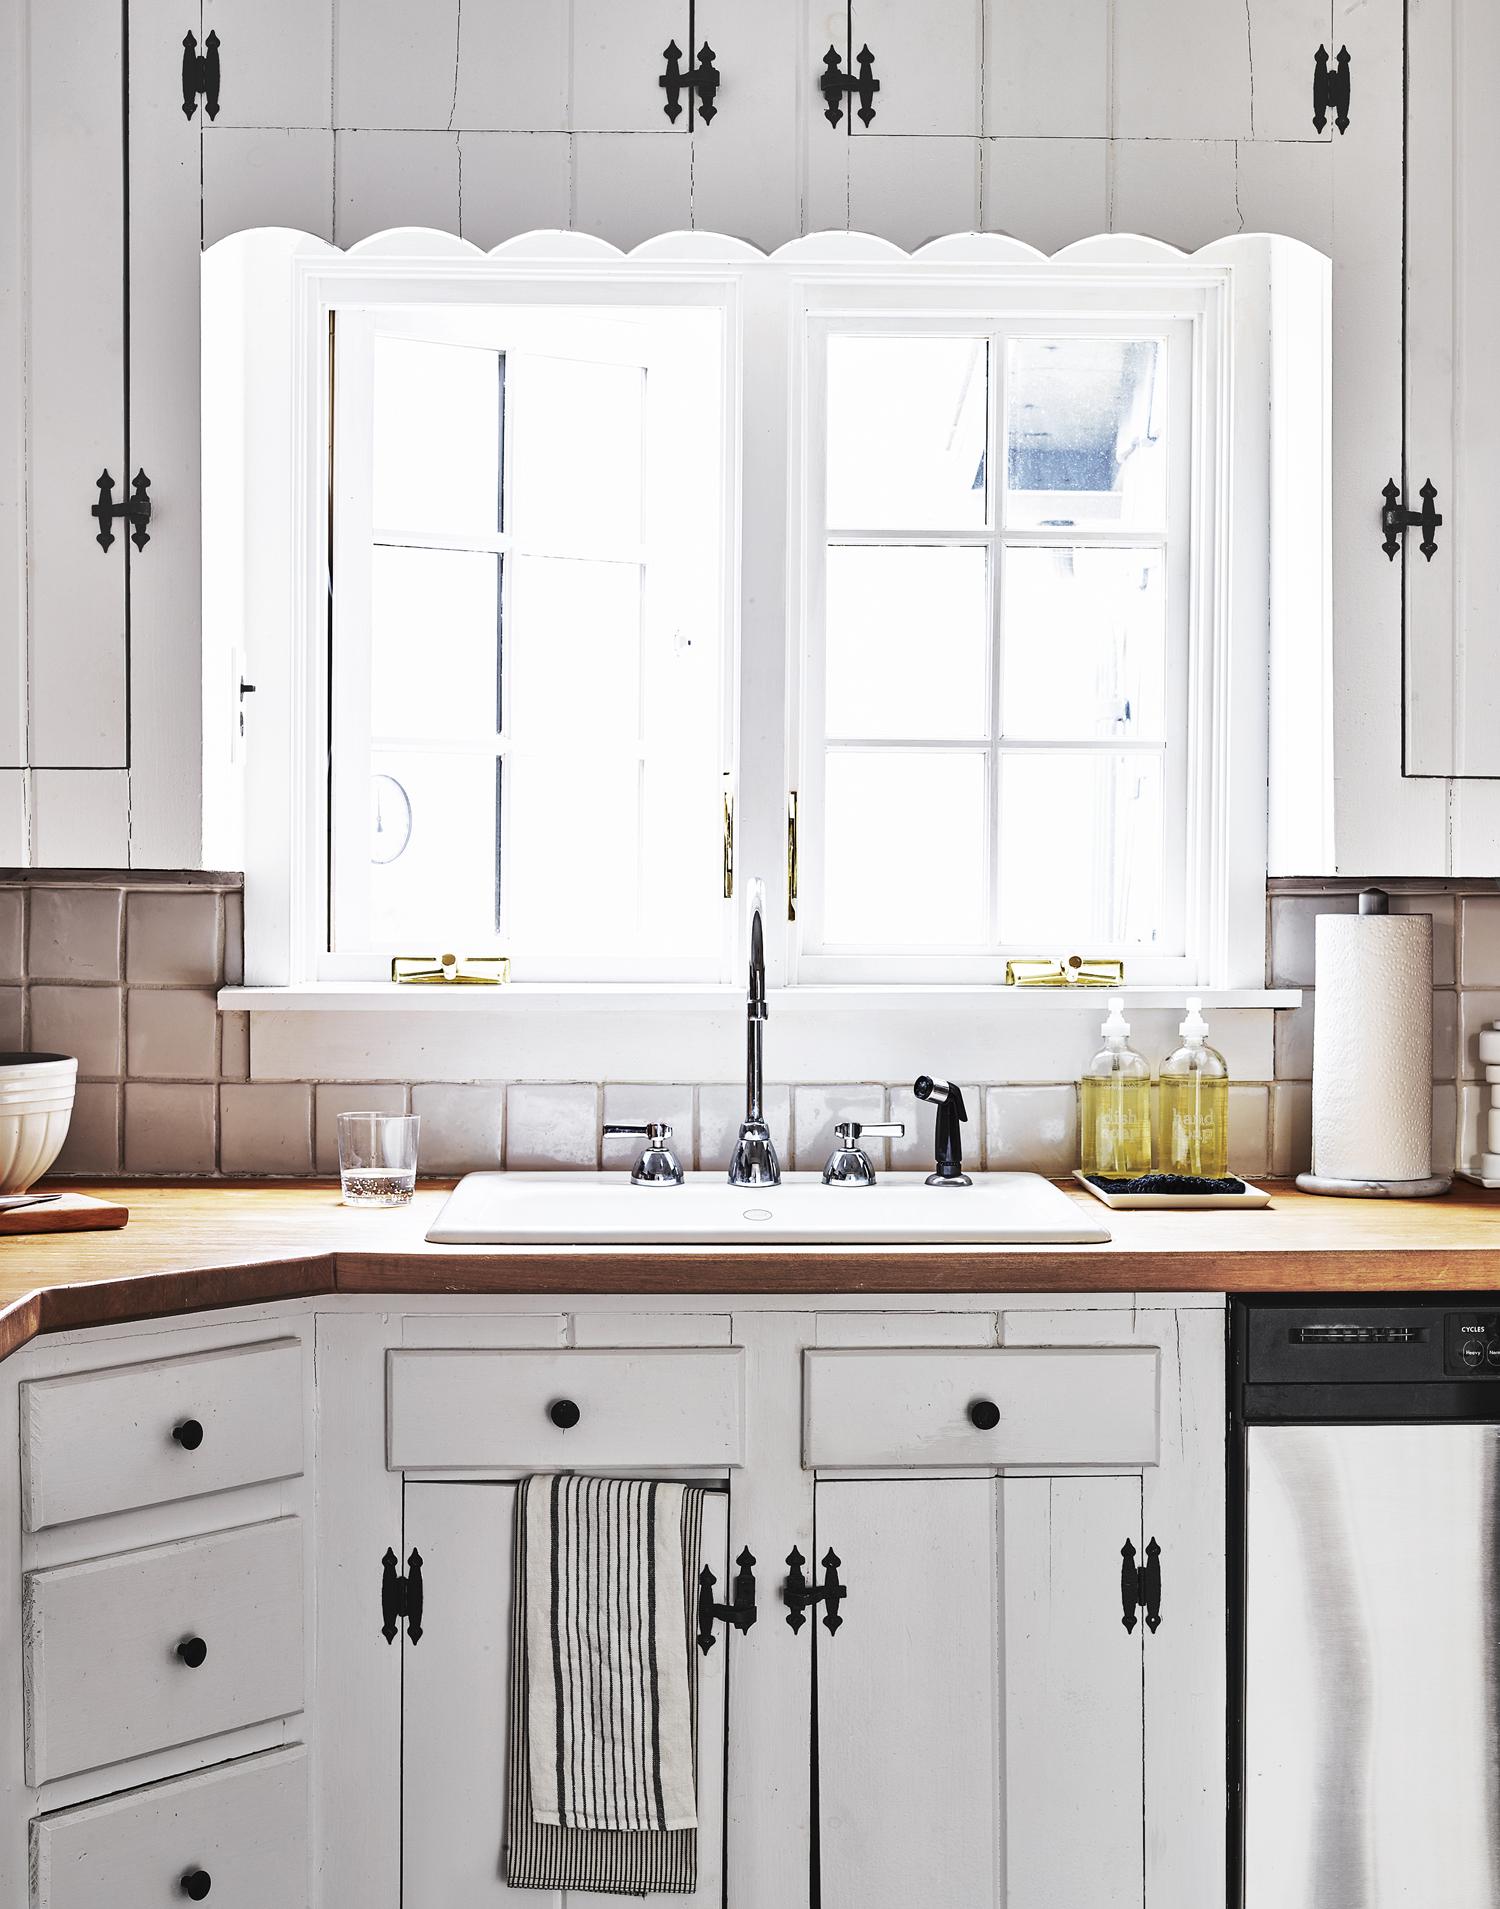 re_kitchen_1630715_72.jpg